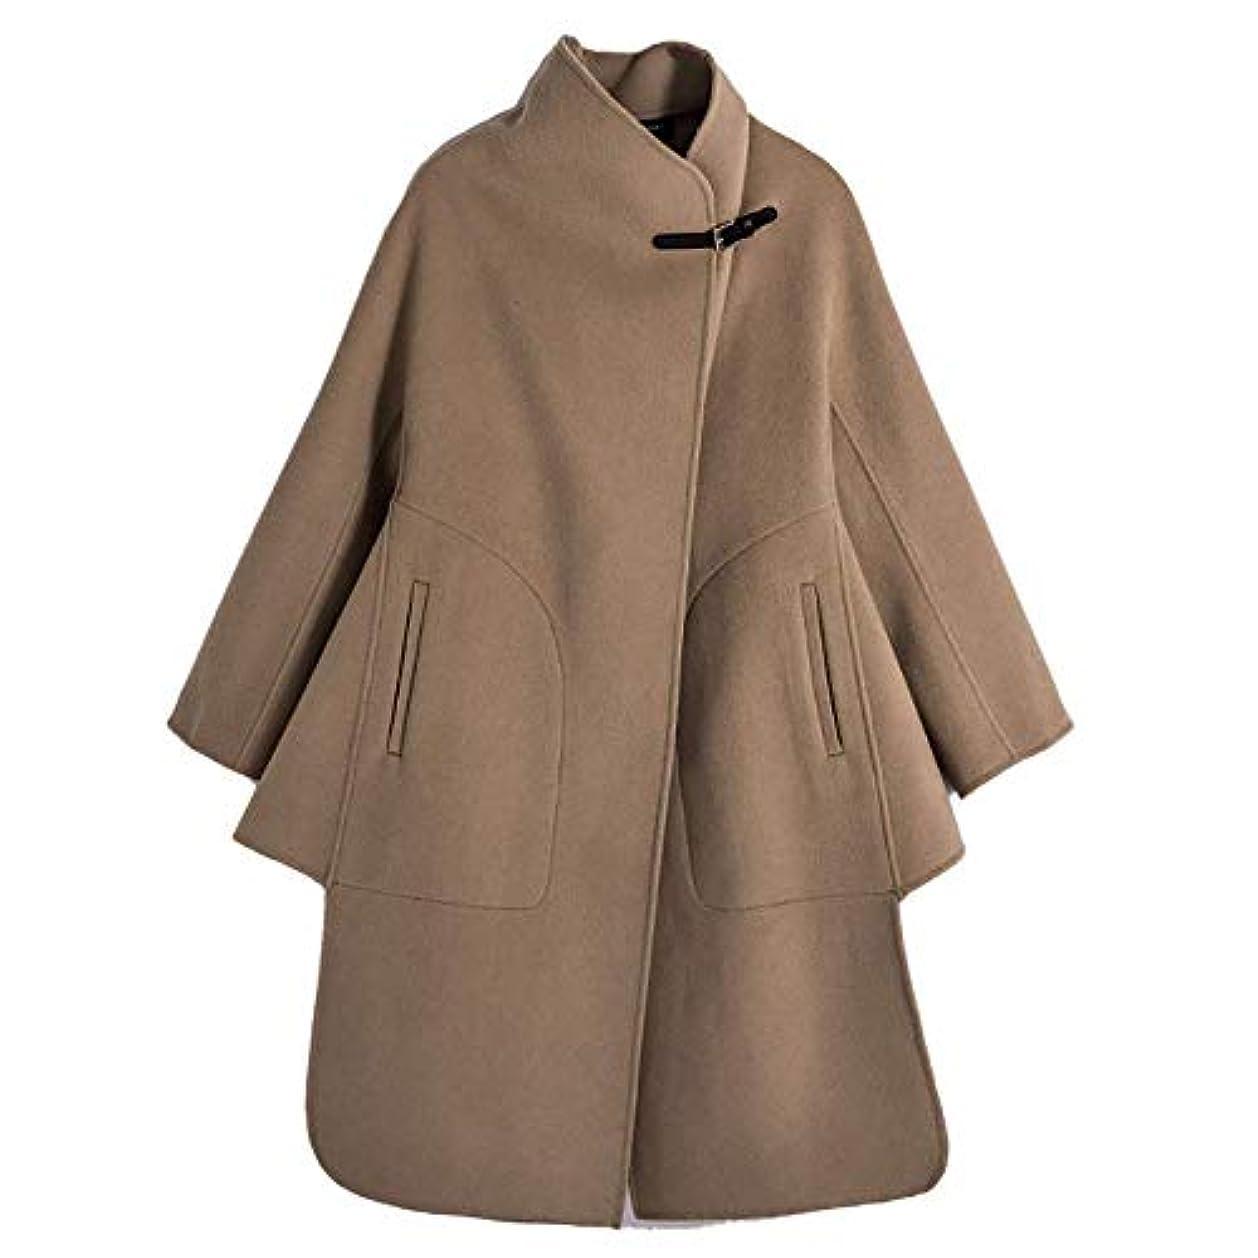 委員長乱用リール両面のウールコート、ウールレザーバックル両面ウールコート女性のウールコートレディースジャケットレディース?コートレディースウインドブレーカージャケット,ブラウン,XS